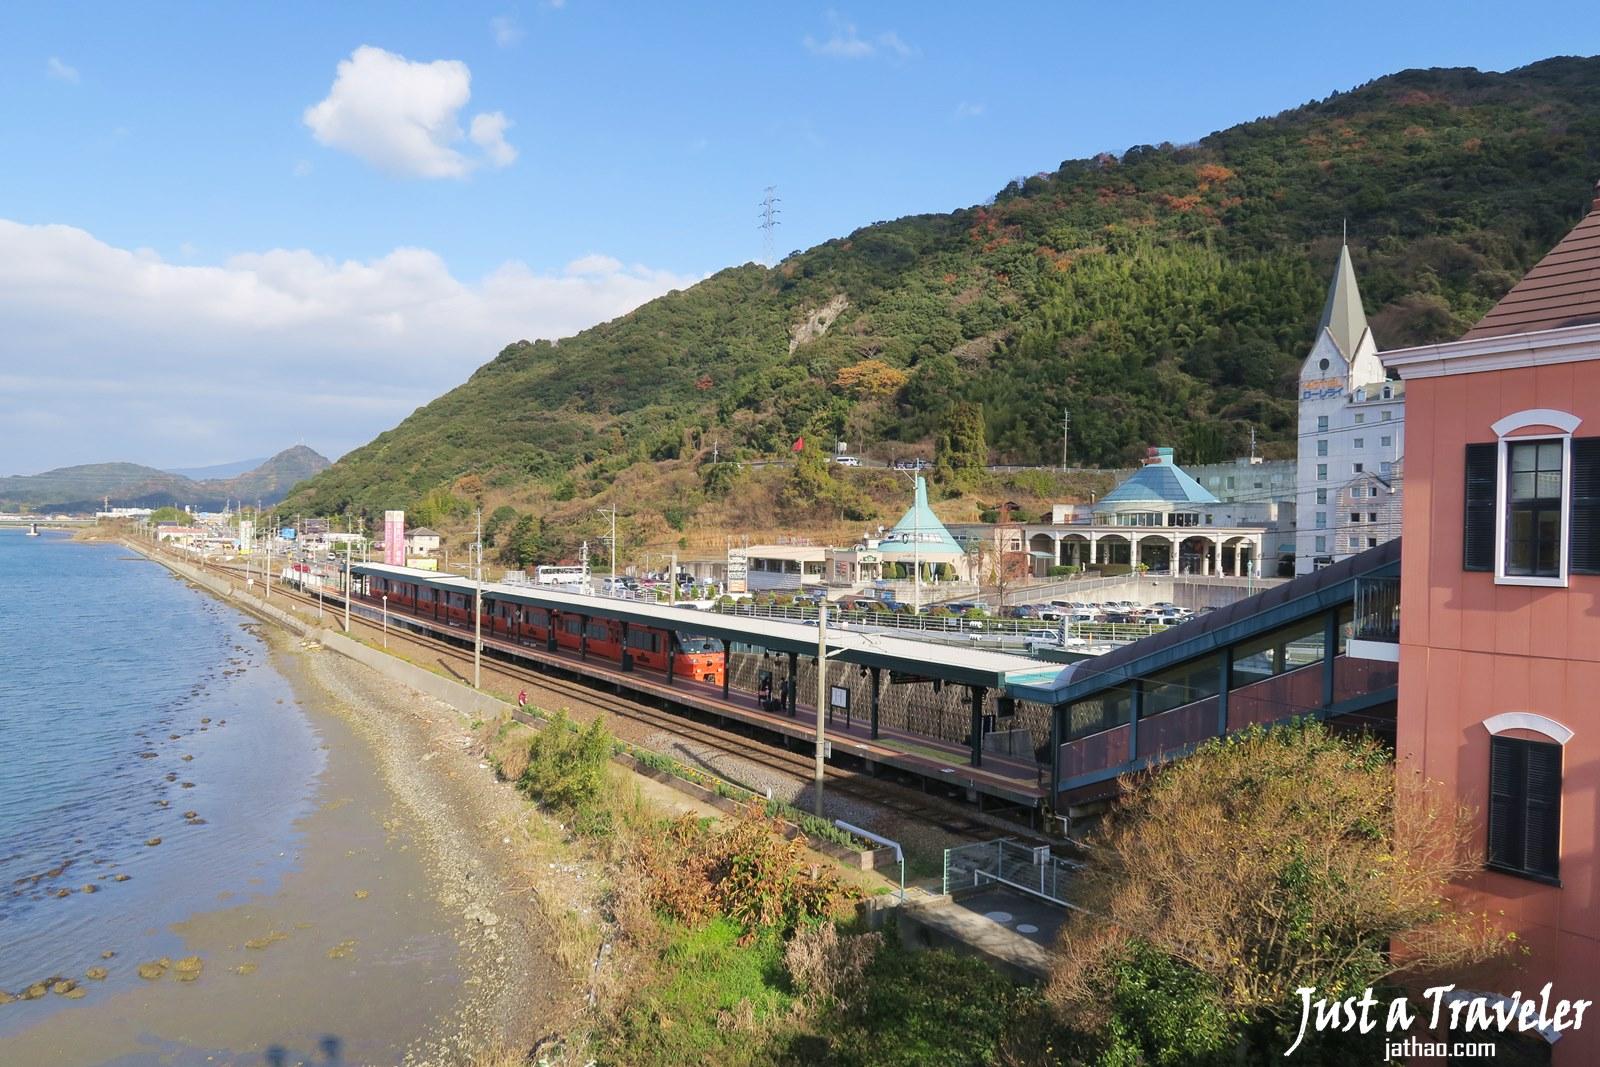 九州-長崎-景點-推薦-豪斯登堡-JR-豪斯登堡交通-豪斯登堡行程-豪斯登堡攻略-豪斯登堡一日遊-火車-旅遊-自由行-Kyushu-Huis Ten Bosch-Travel-Japan